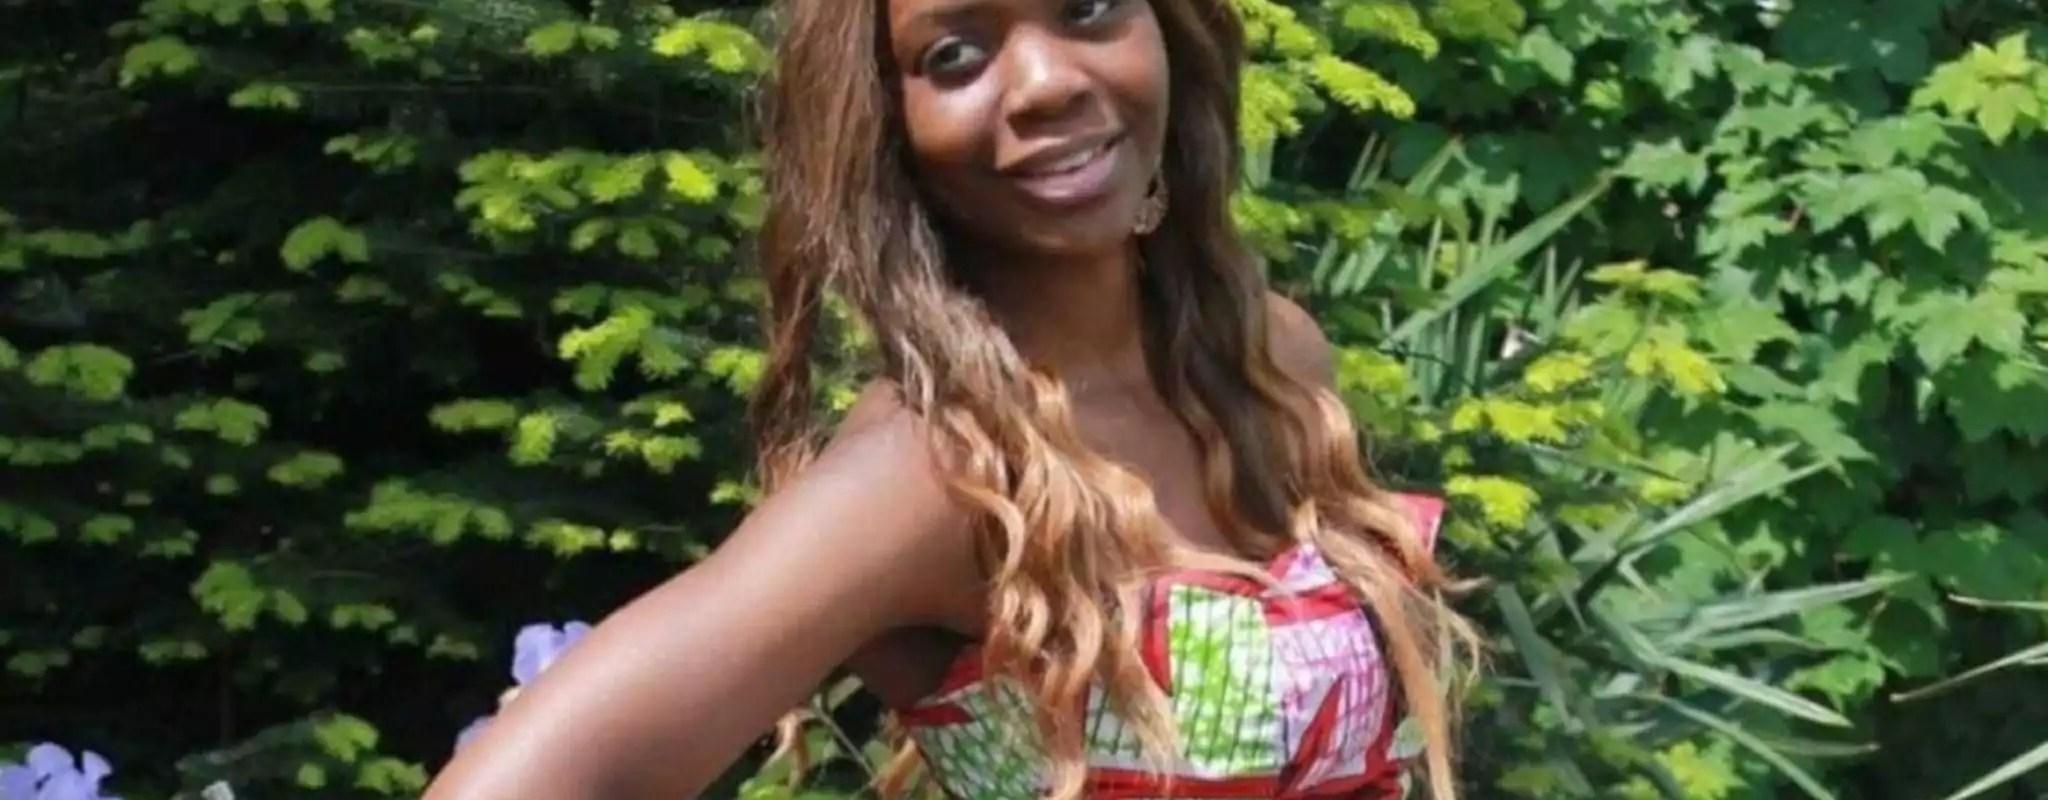 Ouverture d'une enquête judiciaire sur la mort de Naomi Musenga